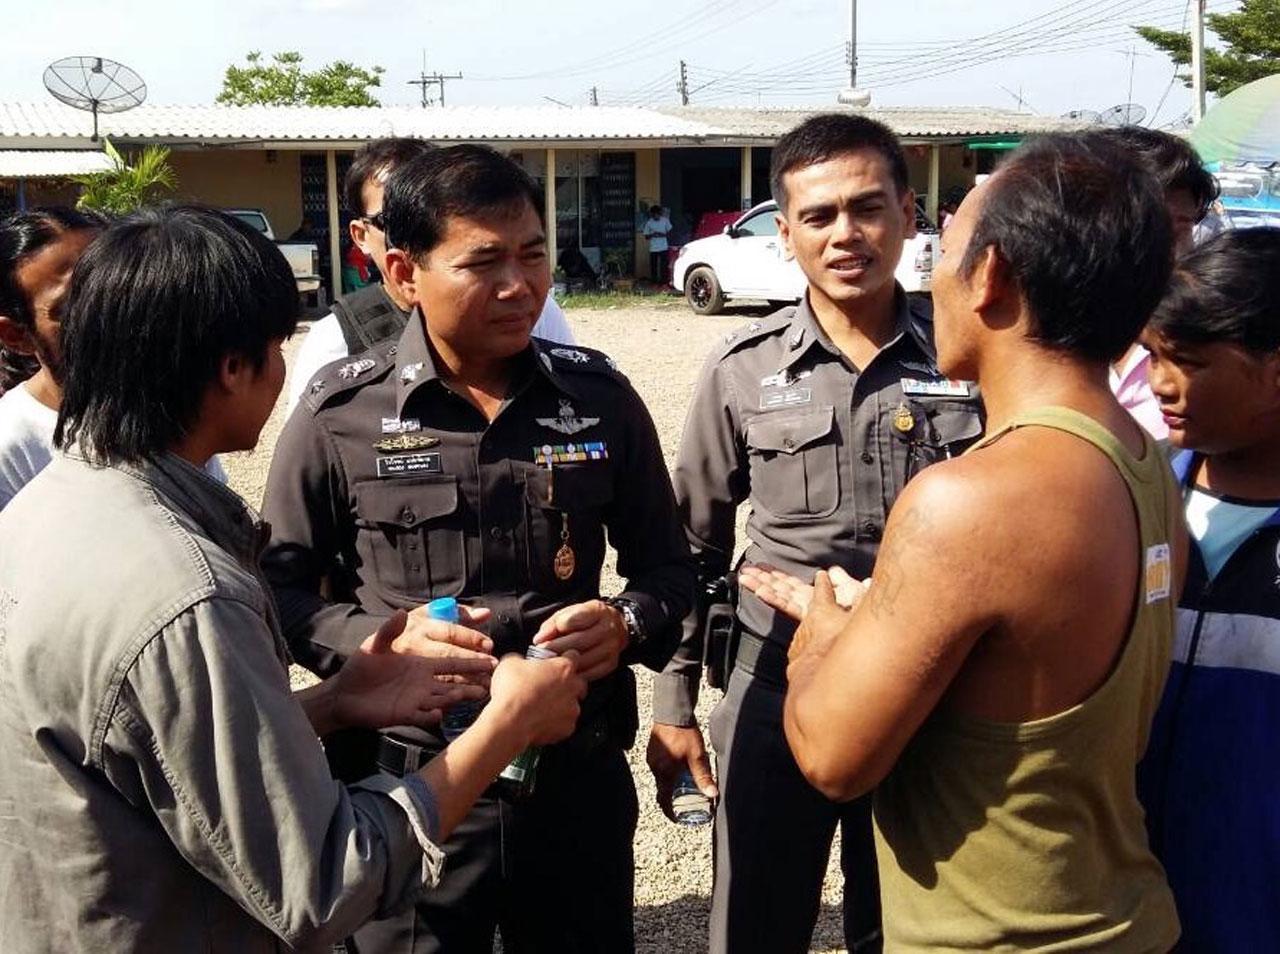 ตำรวจเข้าเจรจา พร้อมดูแลความเรียบร้อยในพื้นที่ชุมนุม